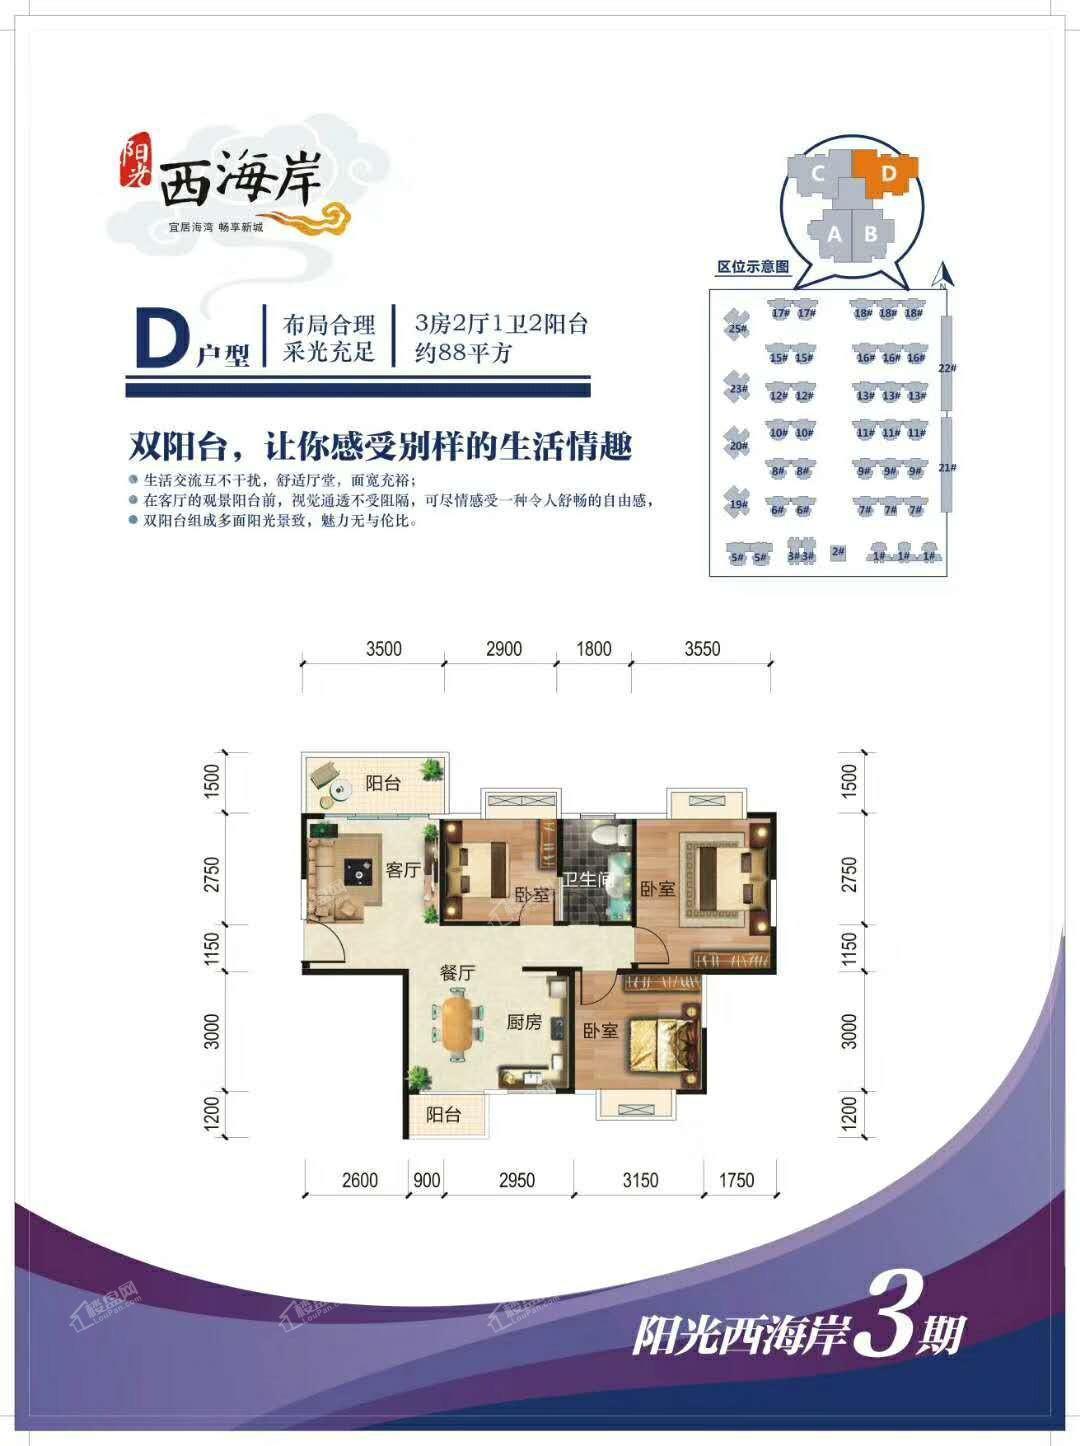 三期D户型 三房两厅一卫两阳台 88㎡